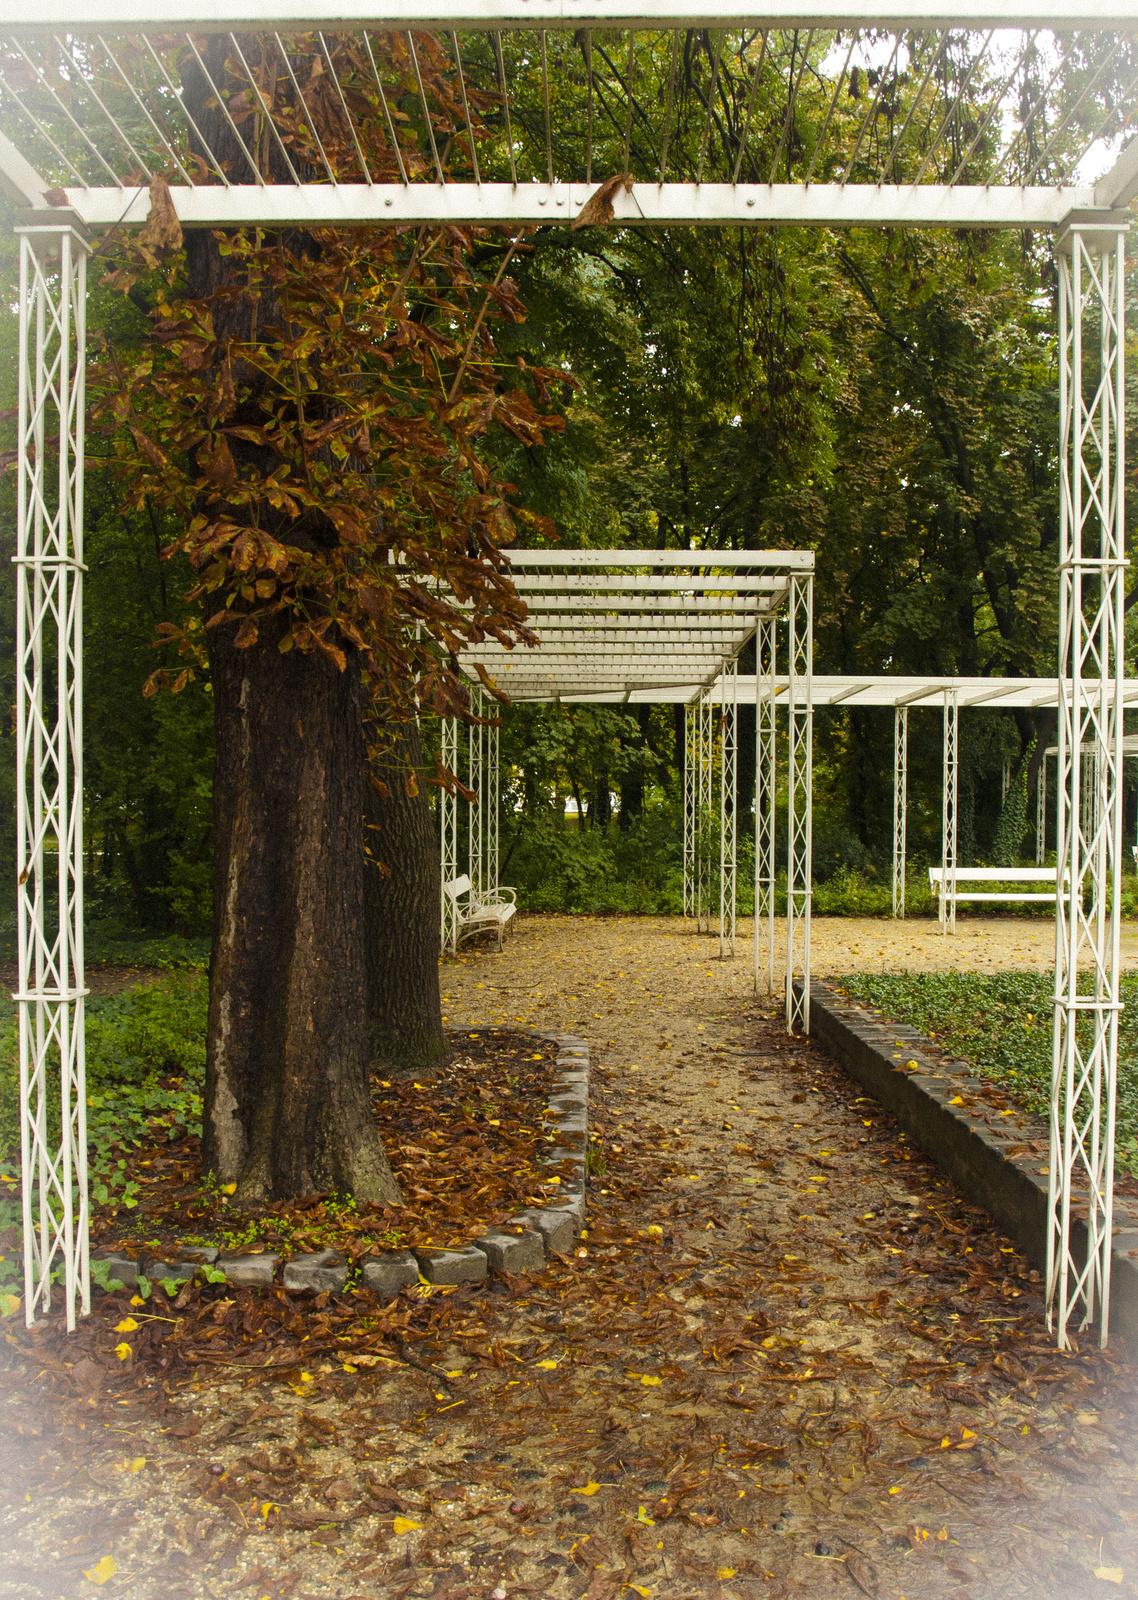 Vége van a nyárnak - kapuban az ősz